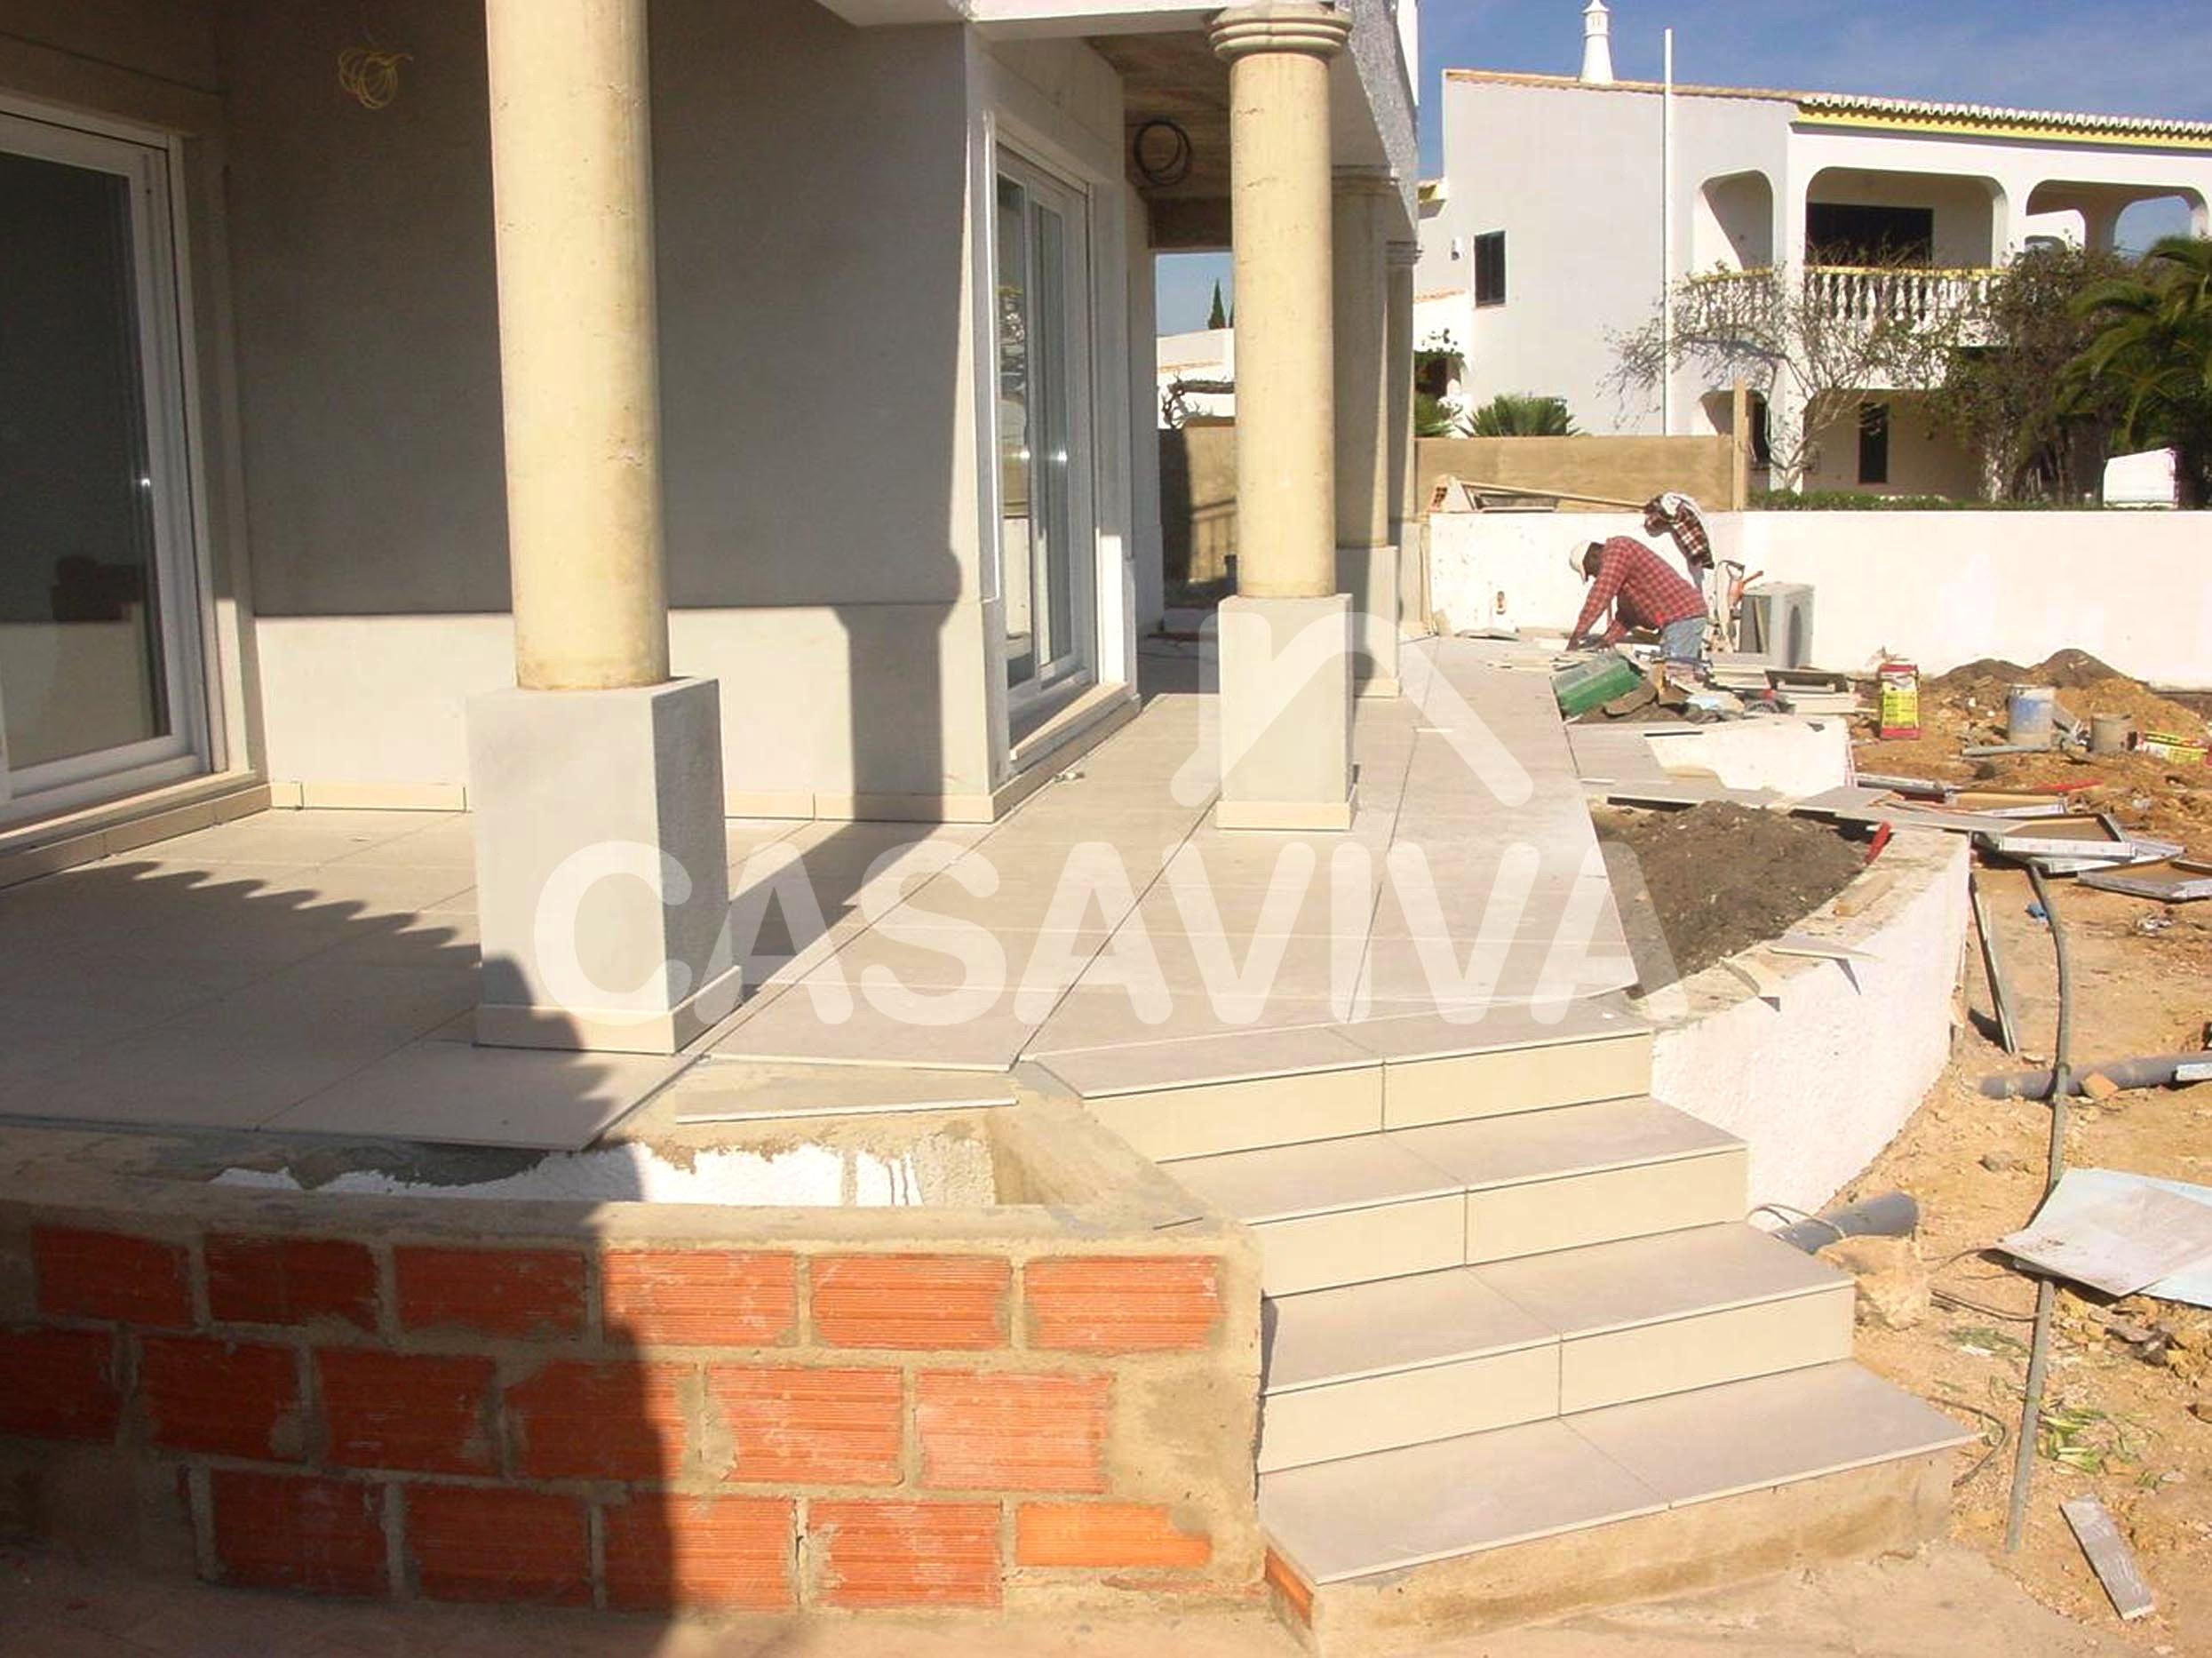 Construção de canteiros exteriores na zona do alpendre junto ao jardim.